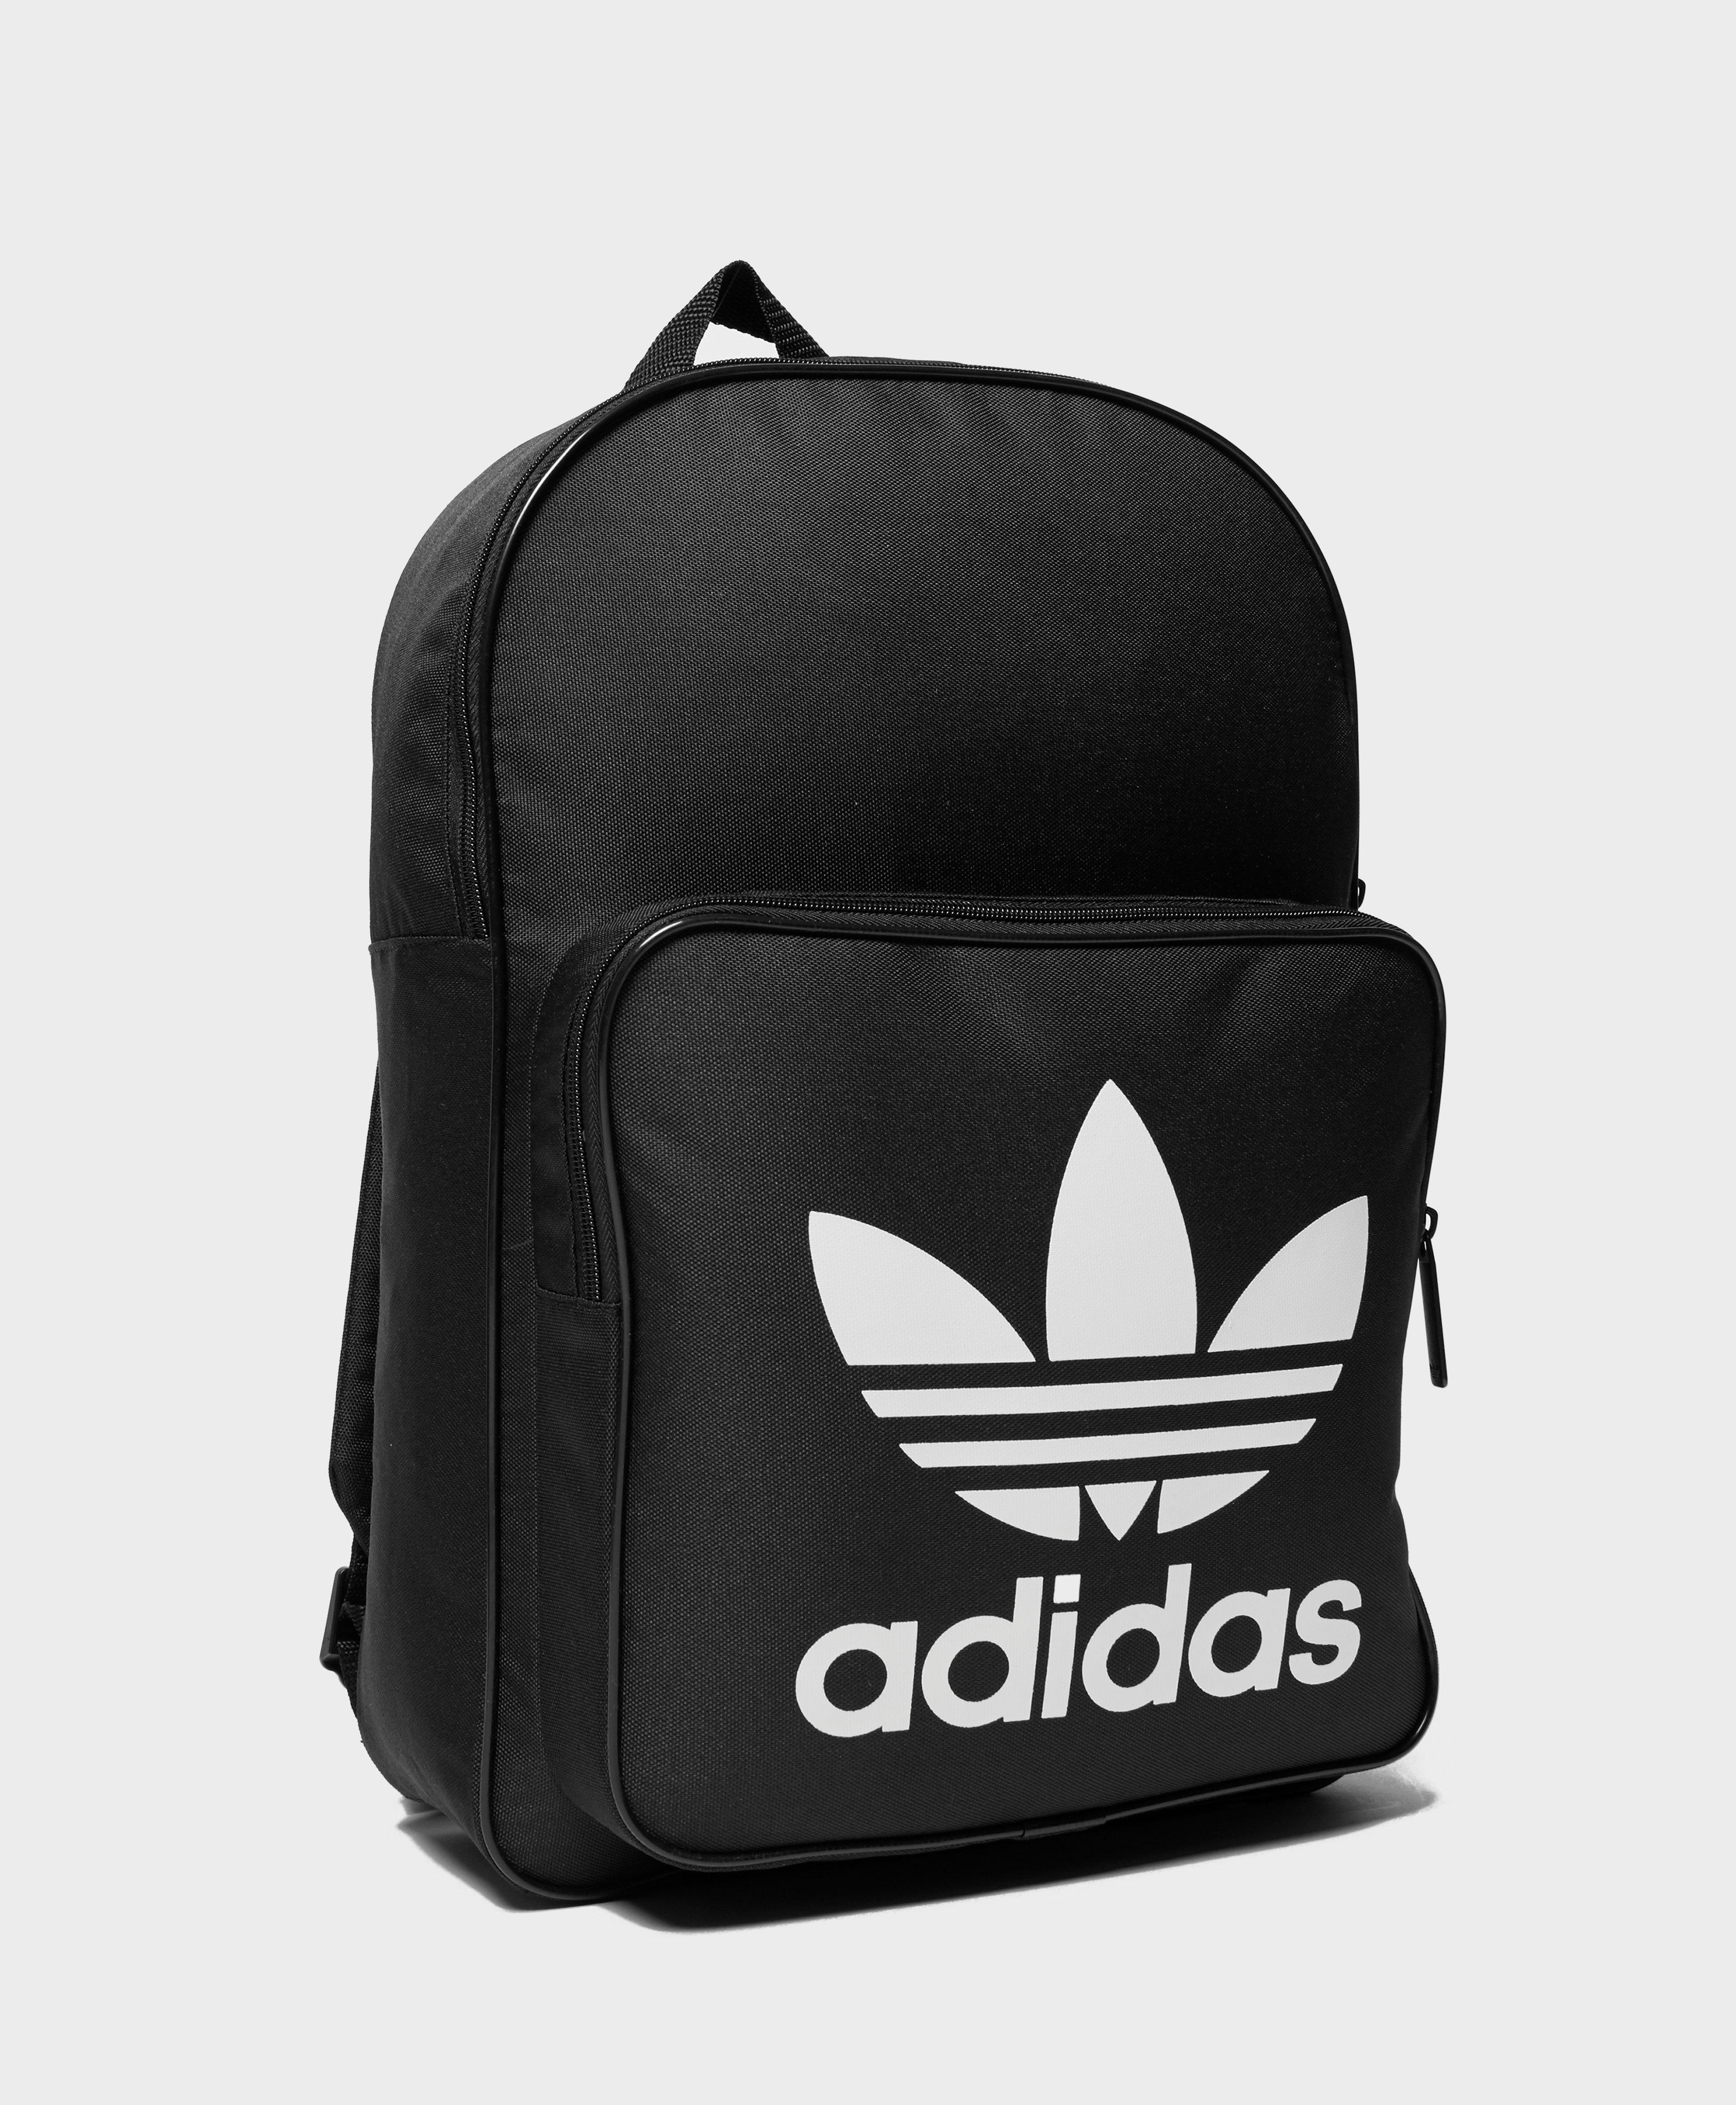 f3746fac47 adidas Originals Trefoil Backpack In Black With Front Pocket Bk6723 in Black  for Men - Save 21% - Lyst